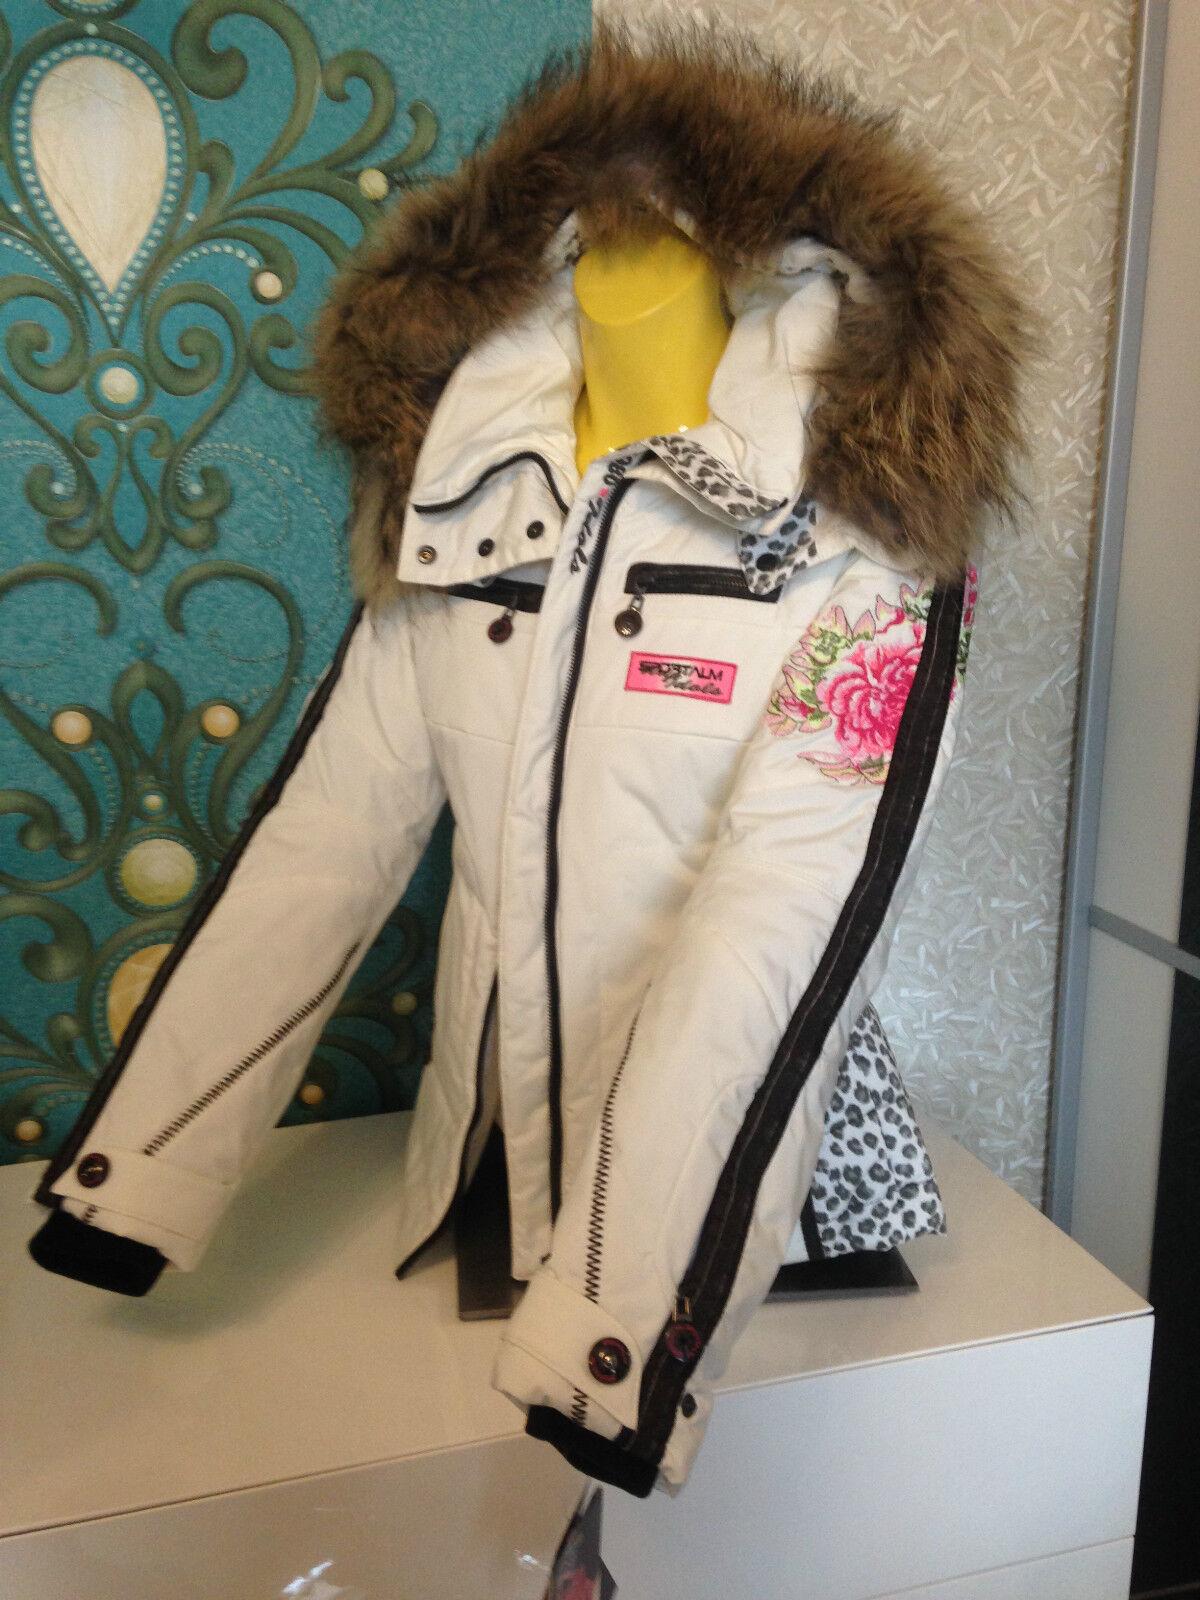 ️ ️ ️ Seltene SportAlm Damen Ski Jacke, Neupreis